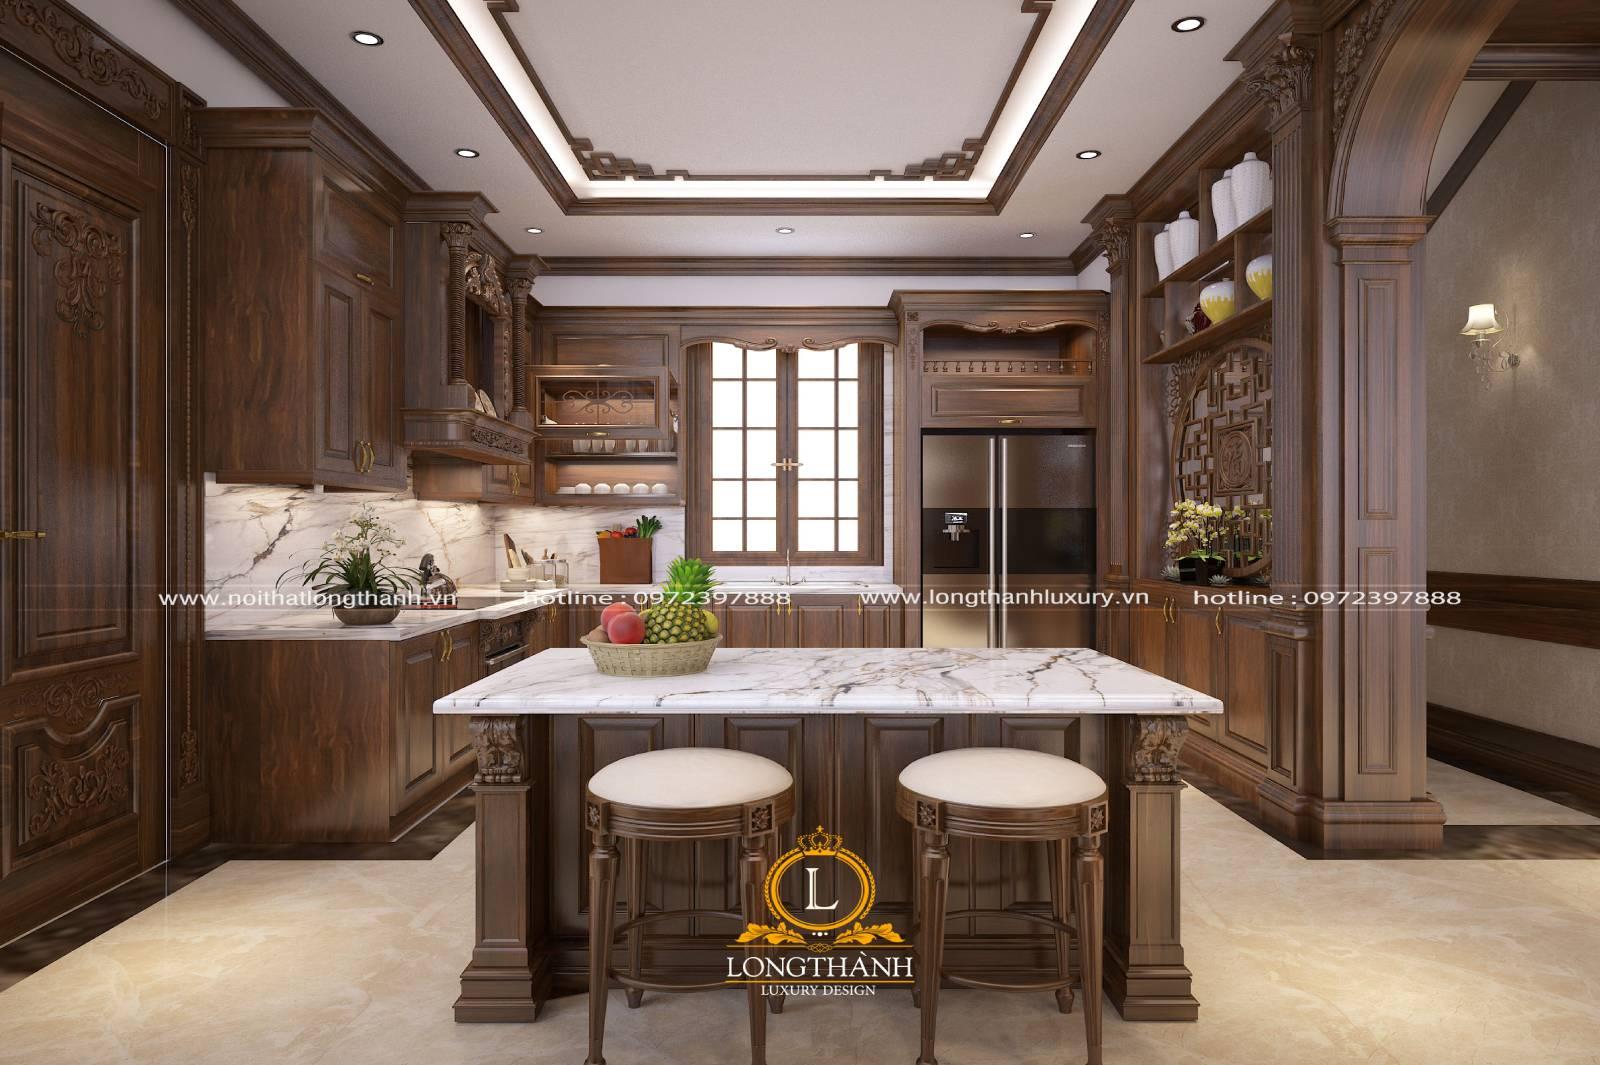 Thiết kế tủ bếp gỗ Gõ LT02 cho không gian nhà rộng